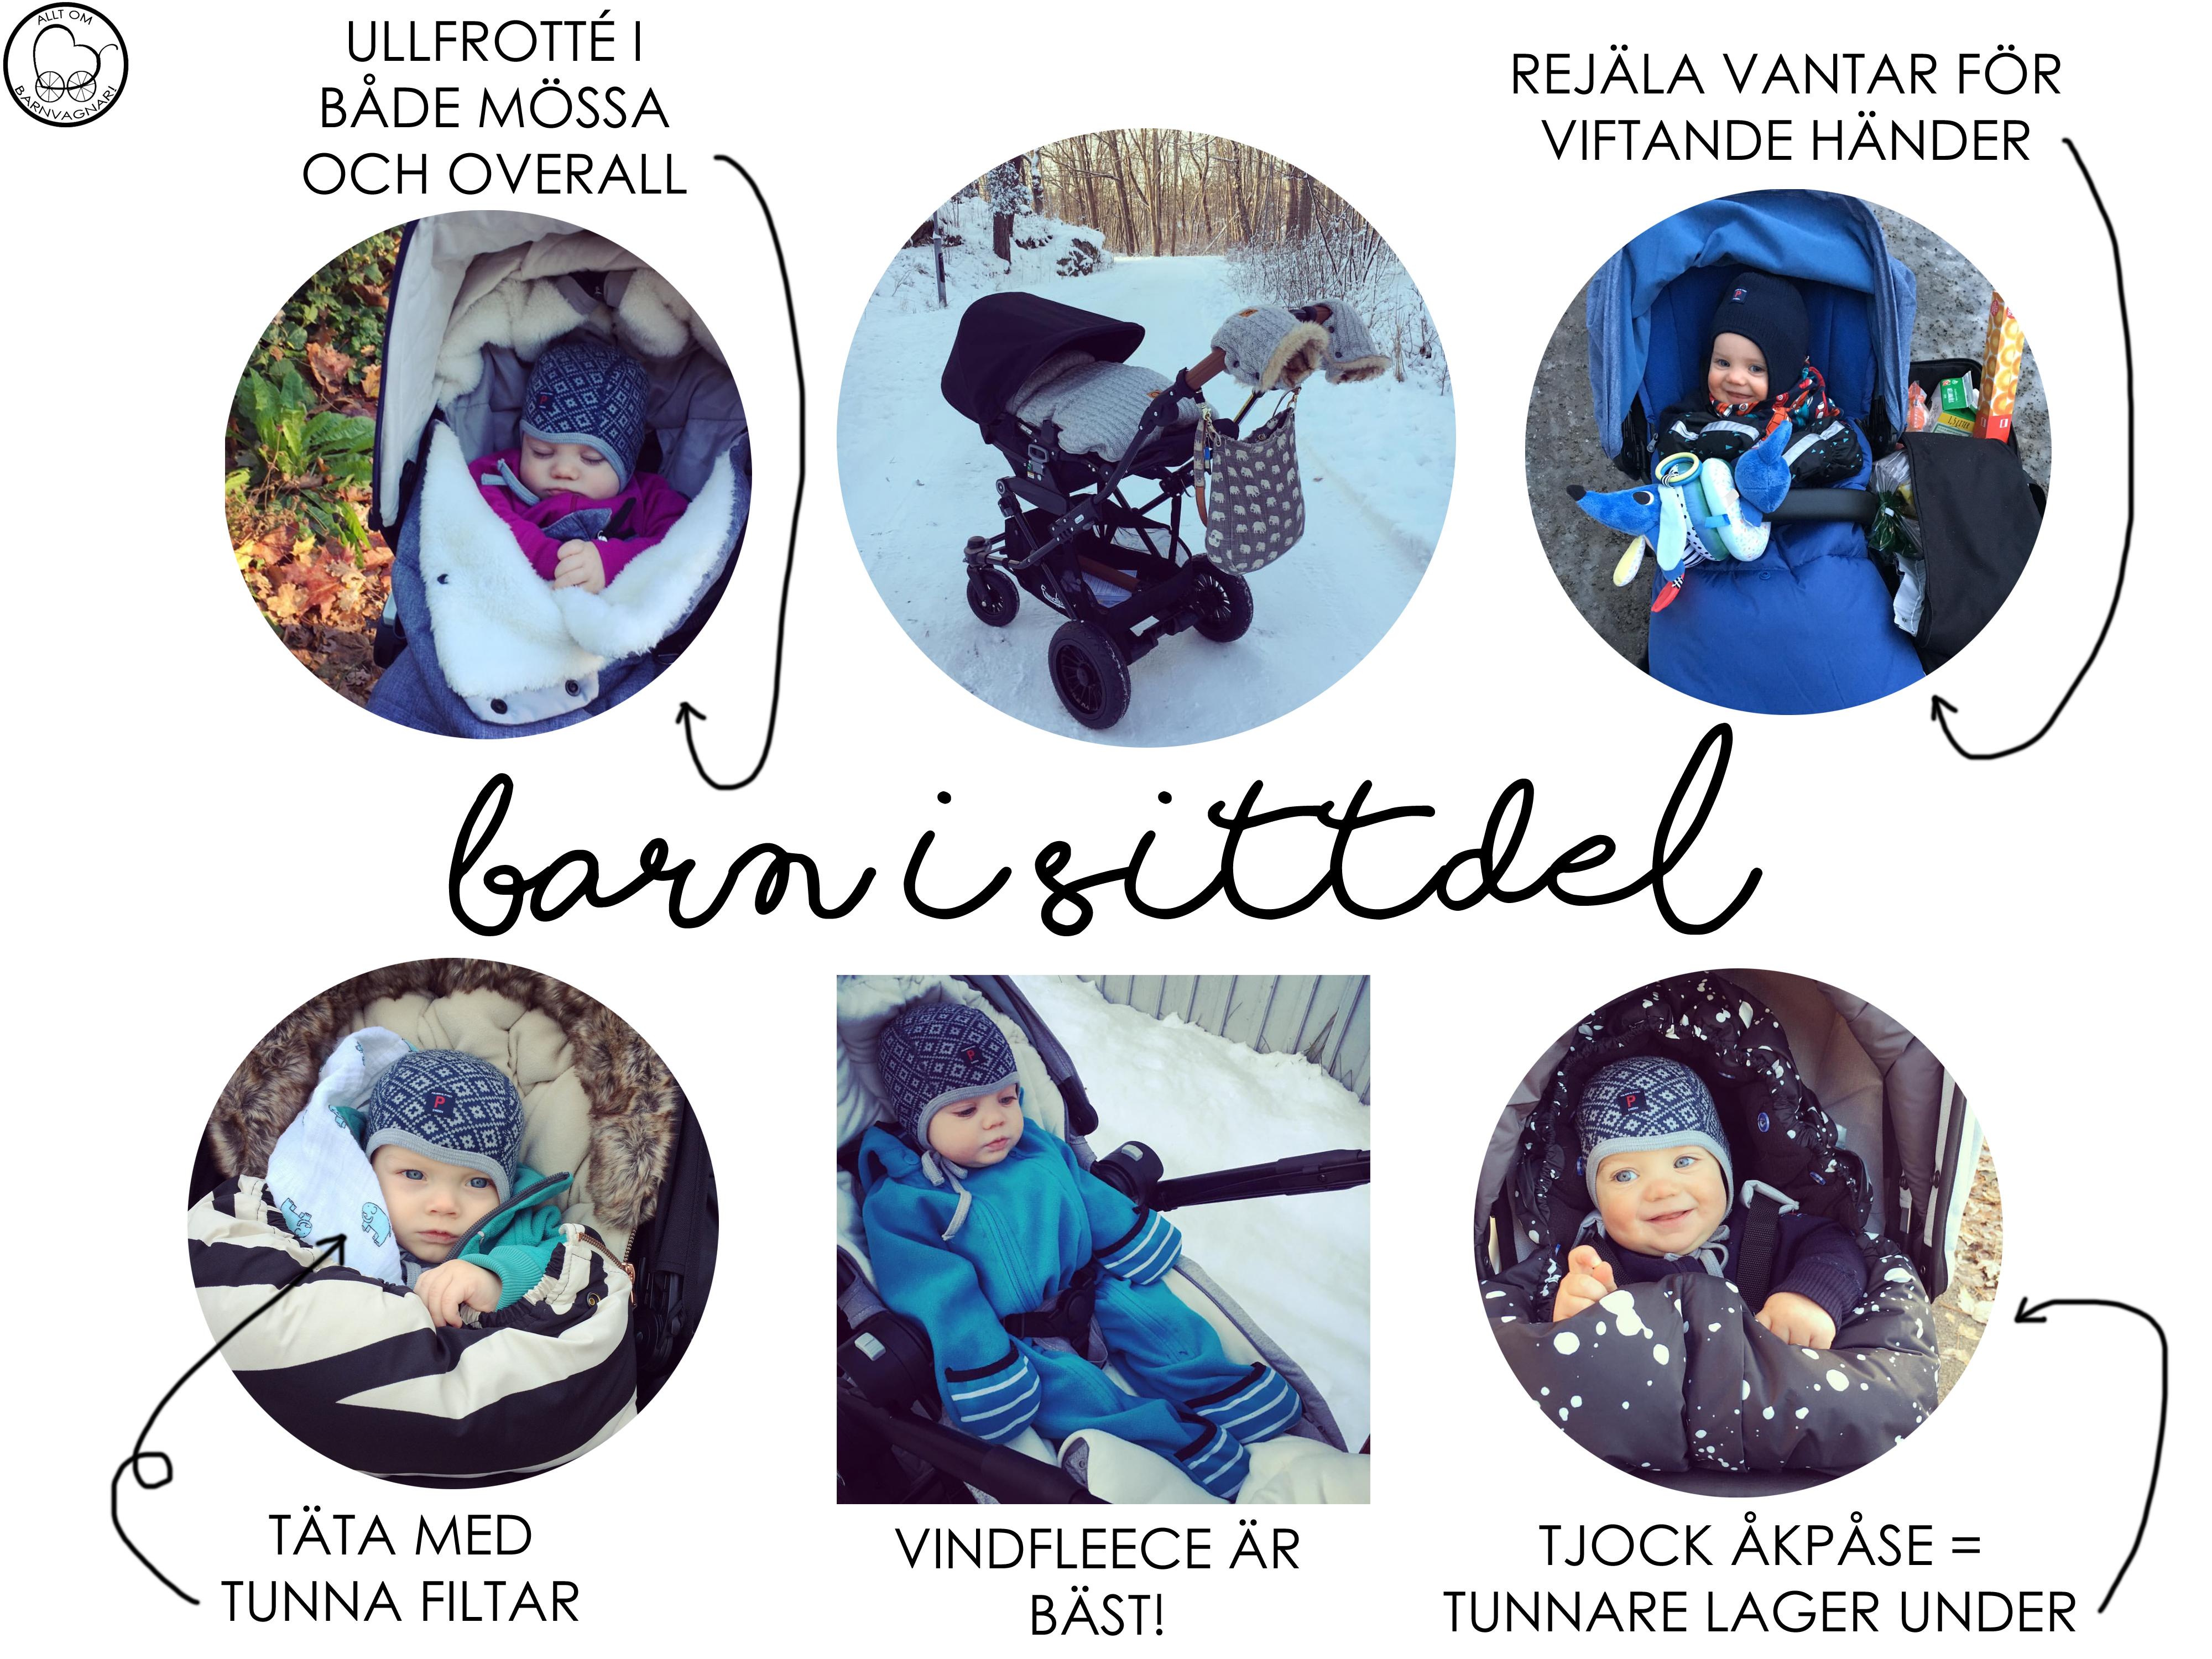 Kläder på barn i sittdel på vintern